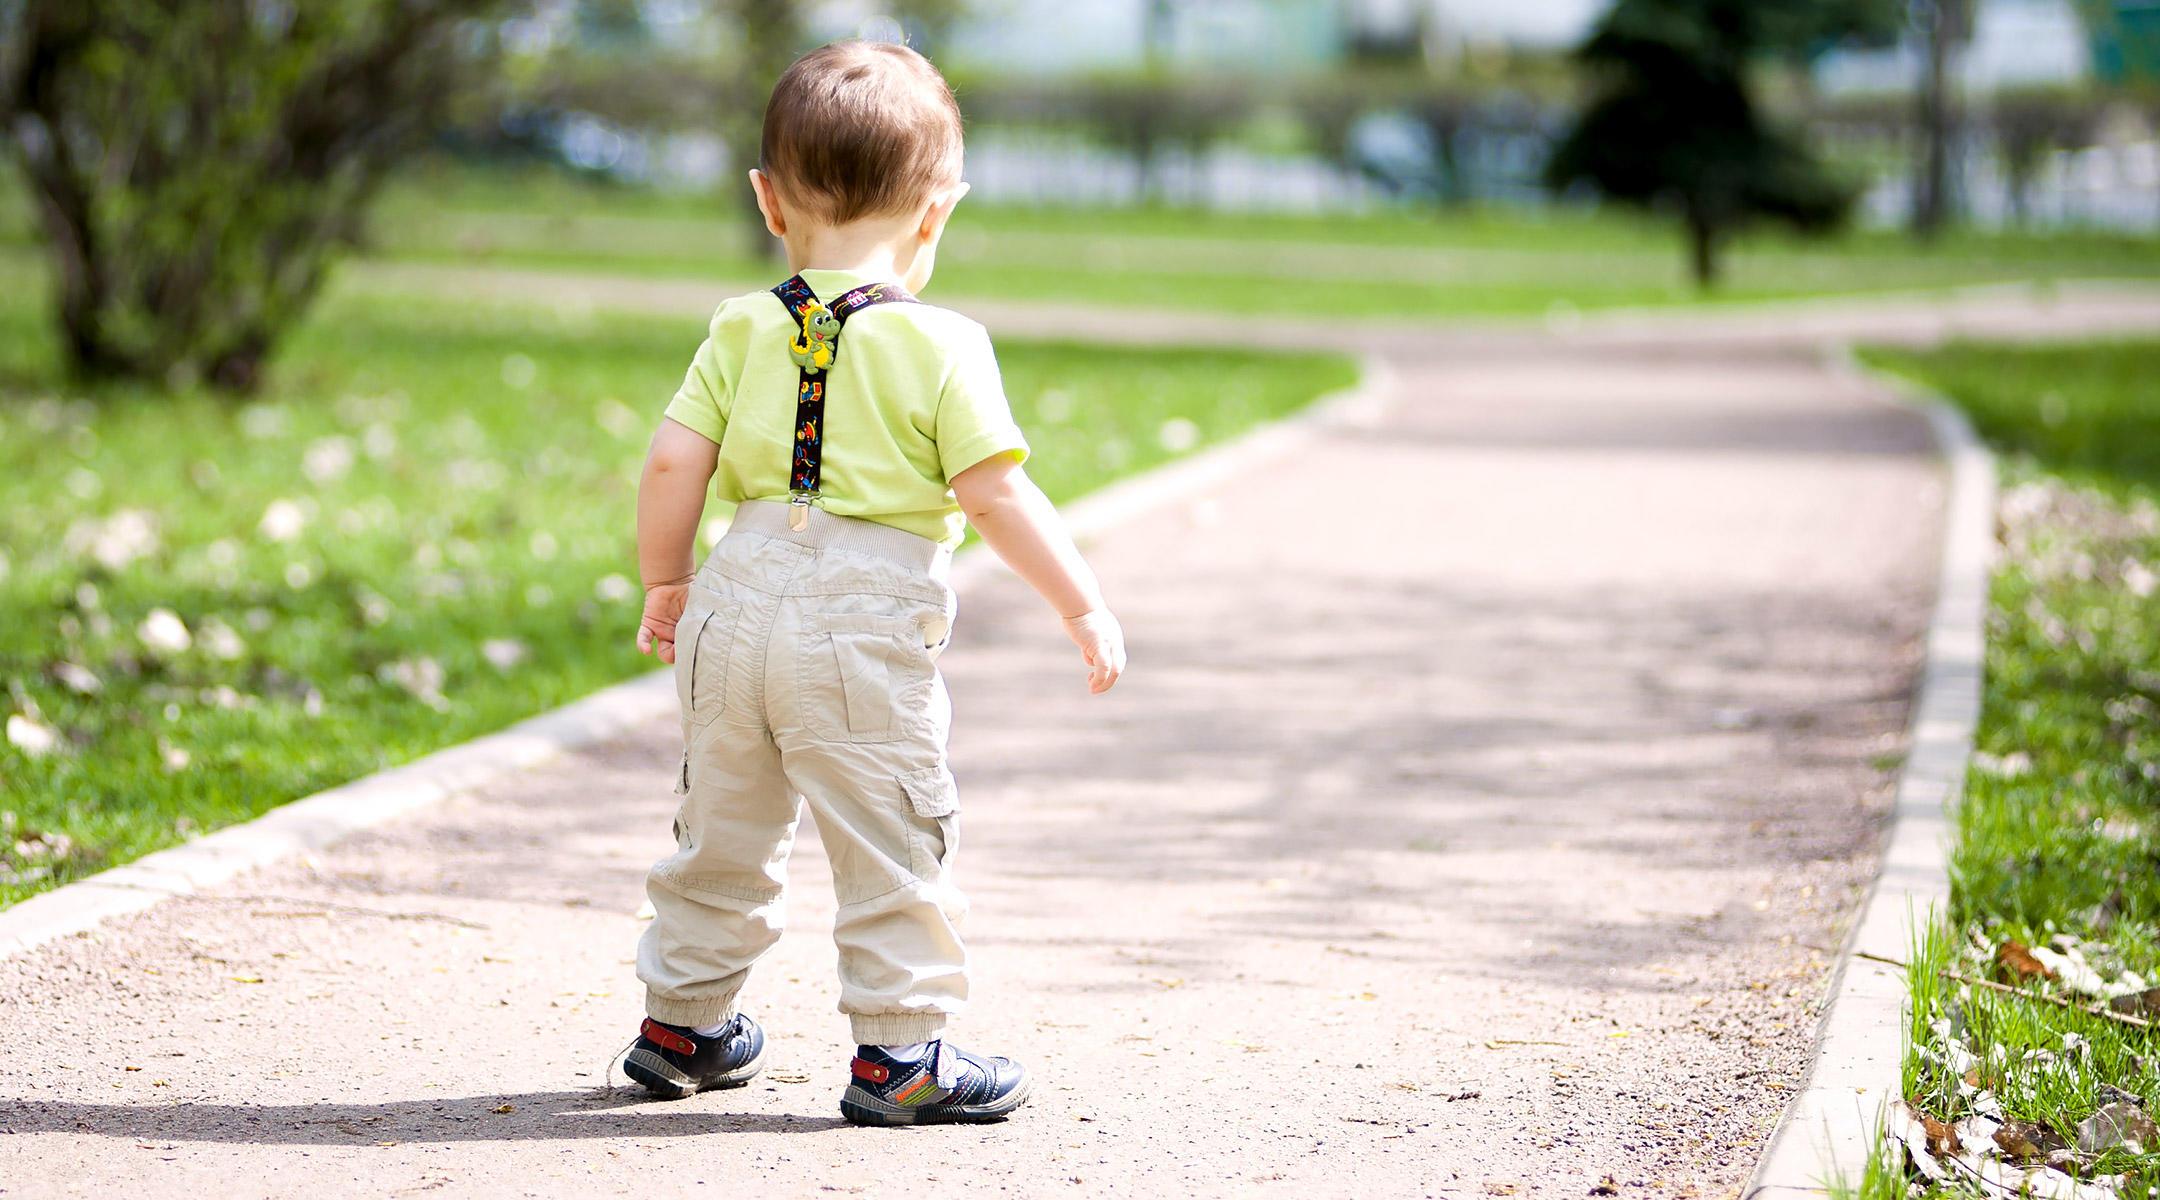 چگونه اعتماد به نفس در کودکان را بالا ببریم؟